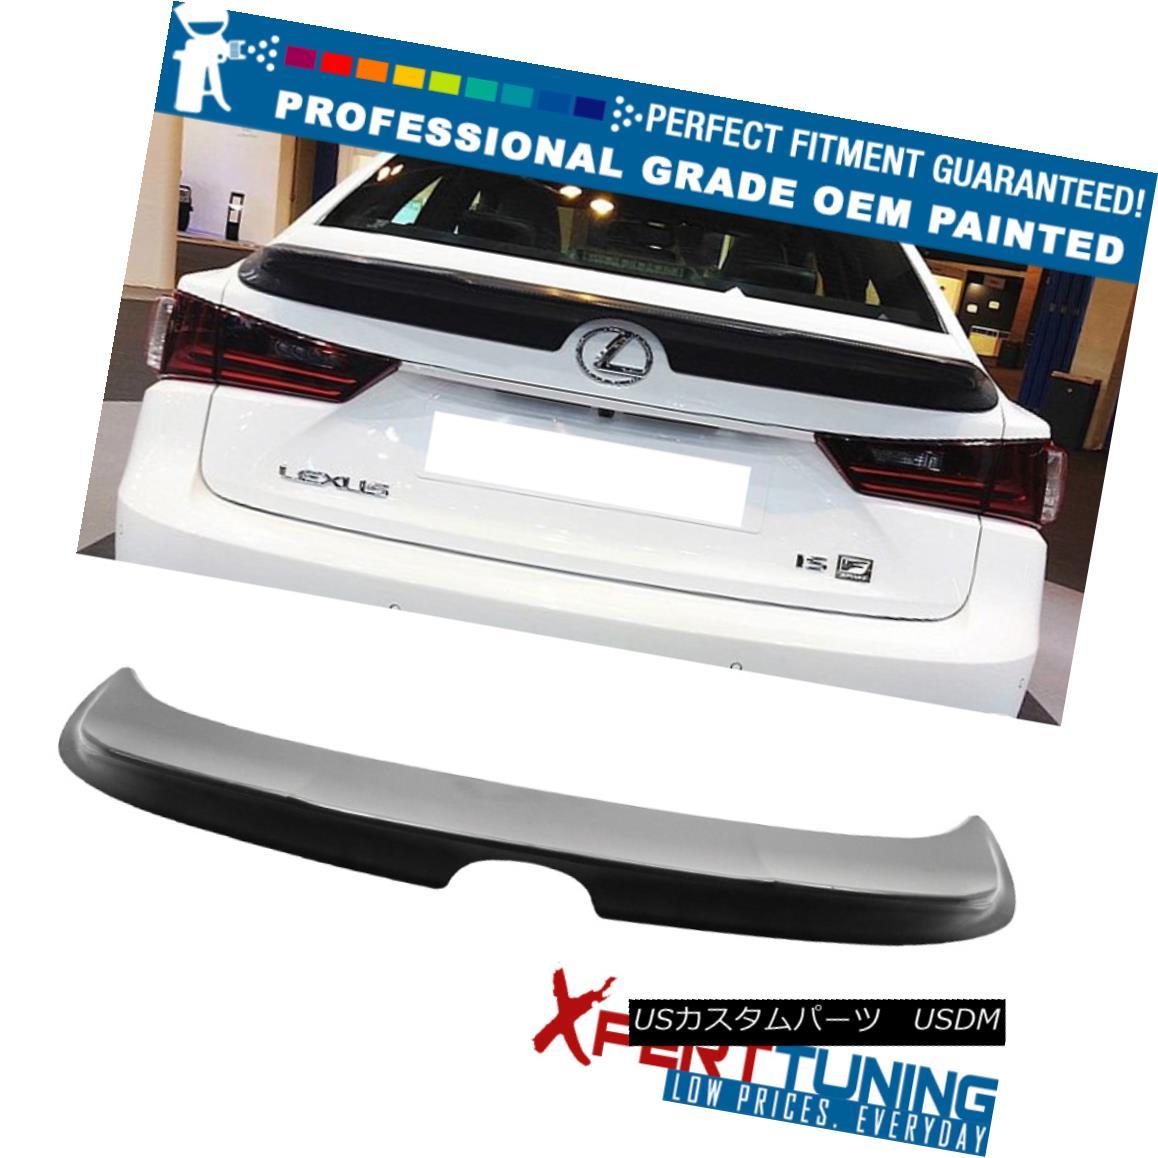 エアロパーツ Fit 14-16 Lexus IS250 TRD Style Trunk Spoiler OEM Painted Color Available フィット14-16レクサスIS250 TRDスタイルのトランク・スポイラーOEM塗装カラー